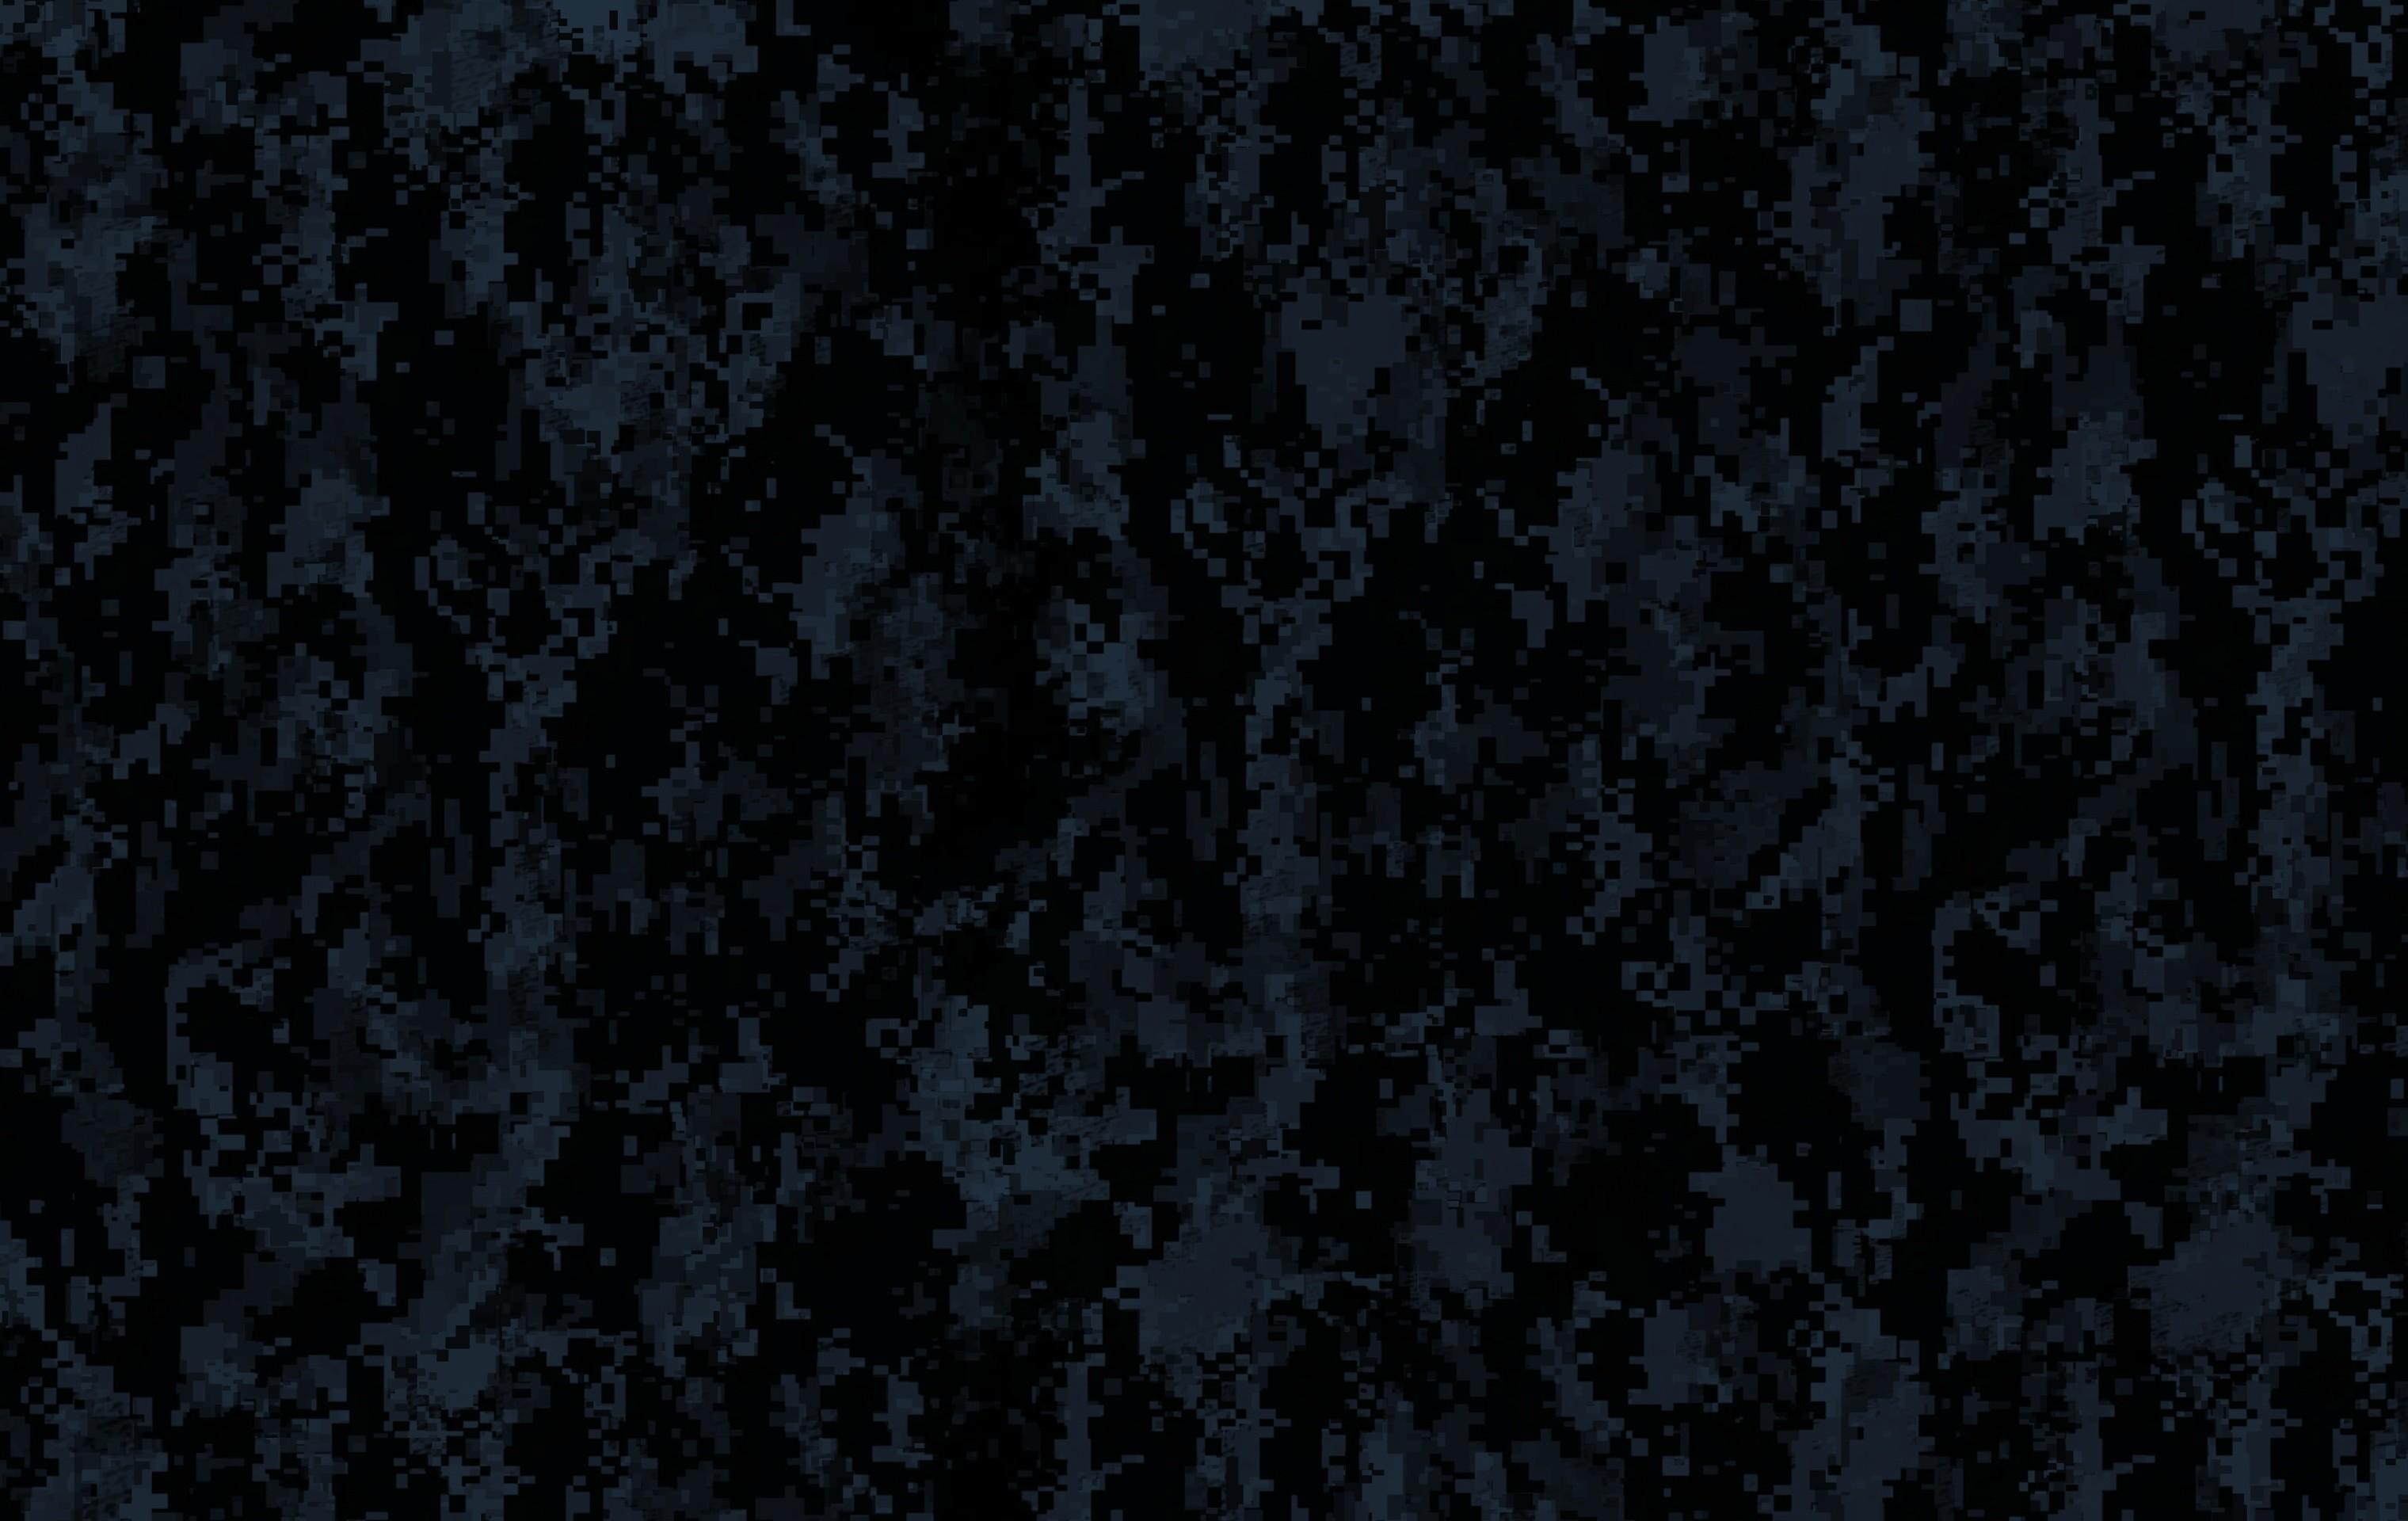 Navy Digital Camo wallpaper